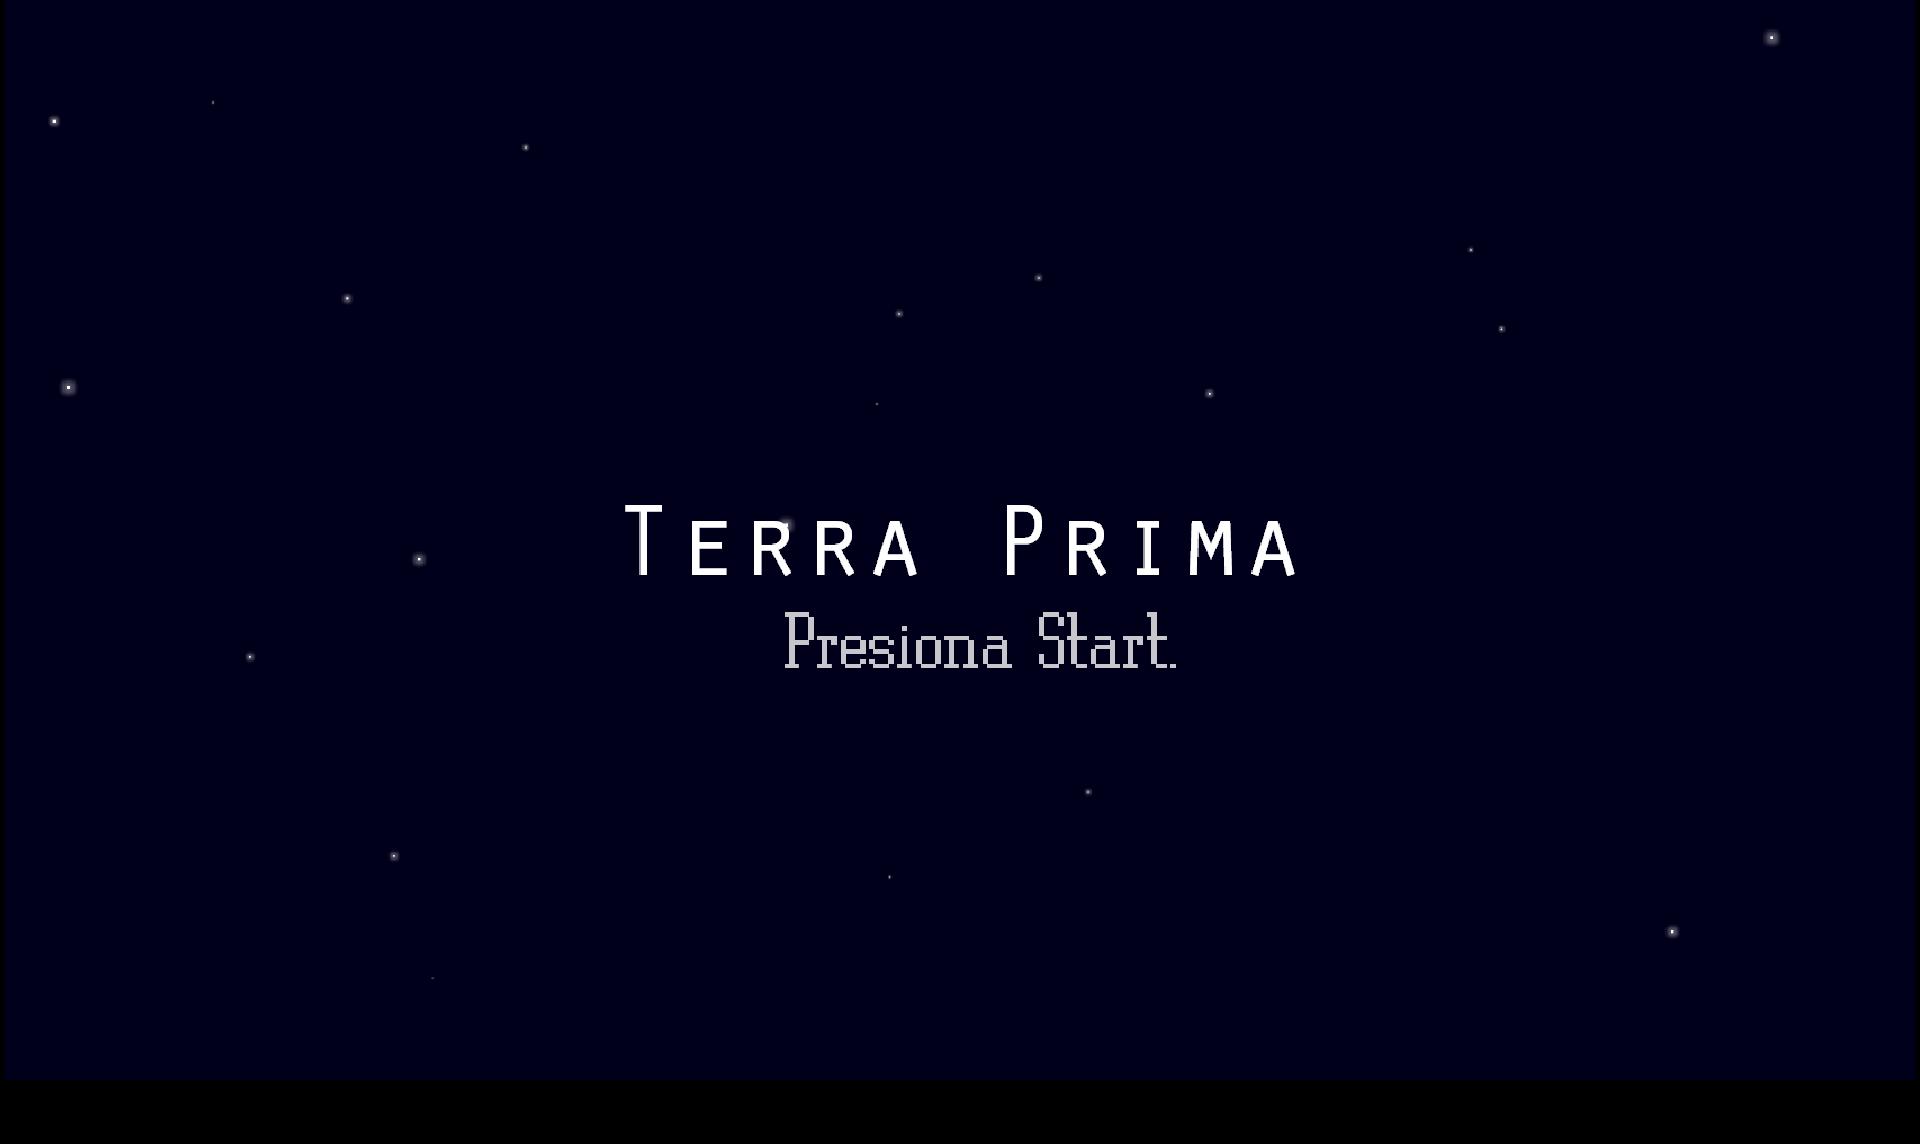 Terra Prima.